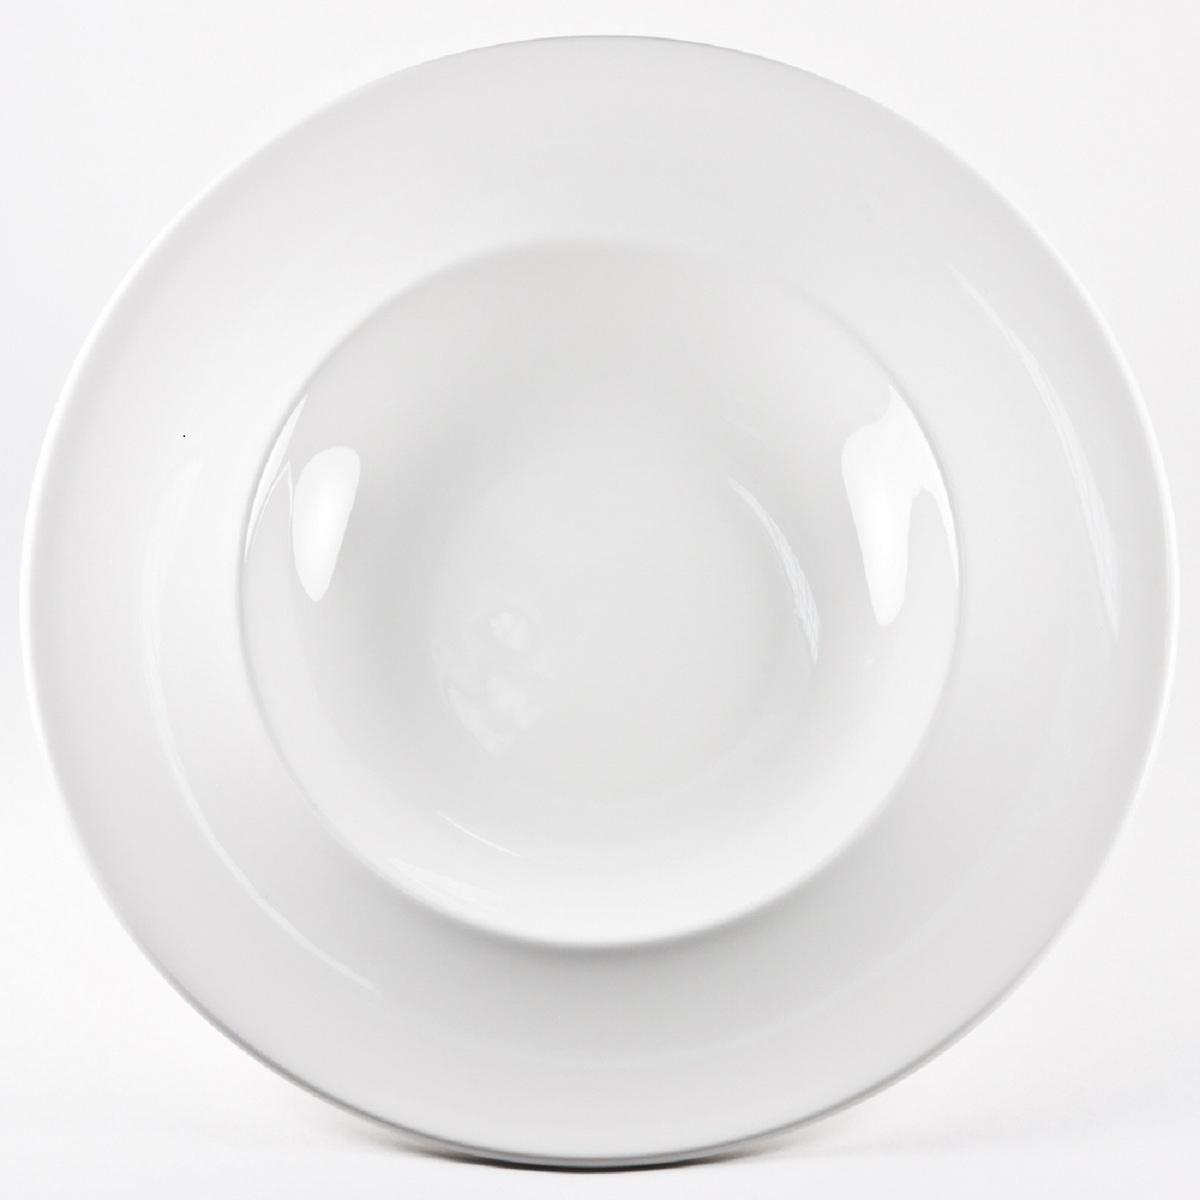 Тарелка для пасты Royal Porcelain Максадьюра, диаметр 30 смРП-8509Royal новый уникальный продукт на рынке фарфора производится из материала, в состав которого входит алюминиум (глинозем) в виде порошка, что придаёт фарфору уникальные свойства: белоснежный цвет, как на поверхности, так и на изломе, более тонкие и изящные формы, так как добавление металла делает фарфоровую массу более пластичной, устойчивость к сколам и царапинам. Возможный перепад температур при эксплуатации до 200 градусов! Фарфор покрывается глазурью, что характеризует эту посуду как продукт высшего класса.Идеально подходит для использования в микроволновой печи и посудомоечной машине.